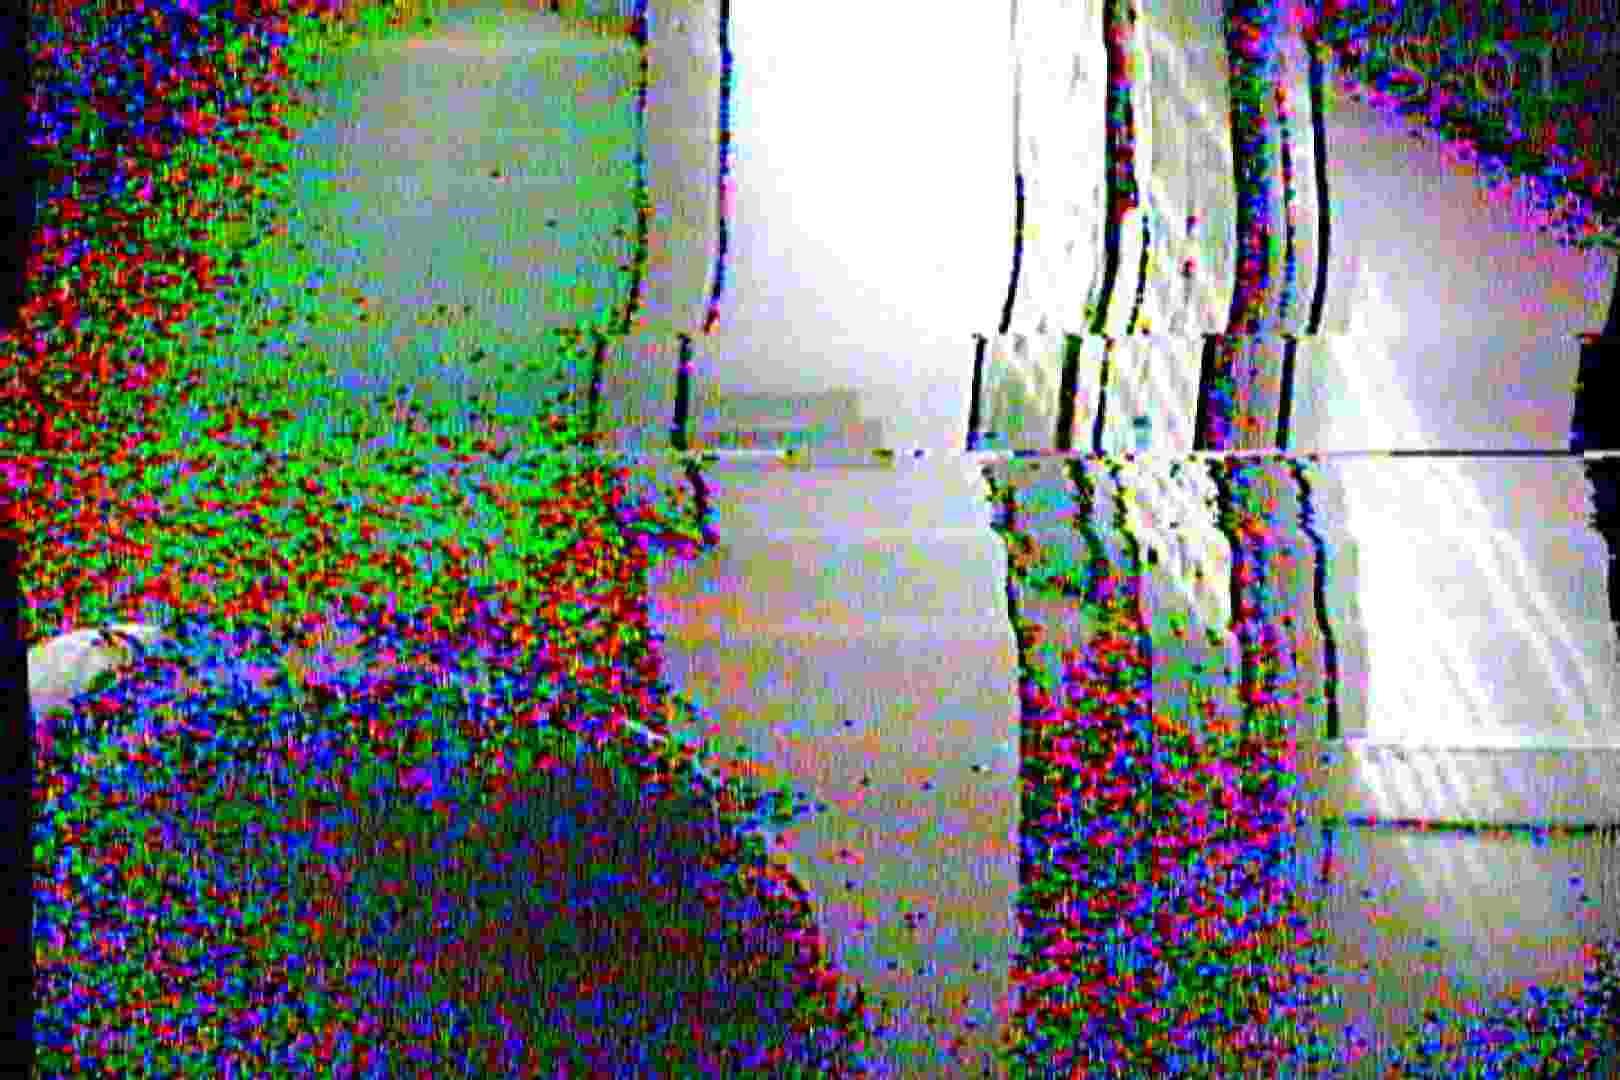 海の家の更衣室 Vol.03 エッチなOL 隠し撮りオマンコ動画紹介 93枚 44